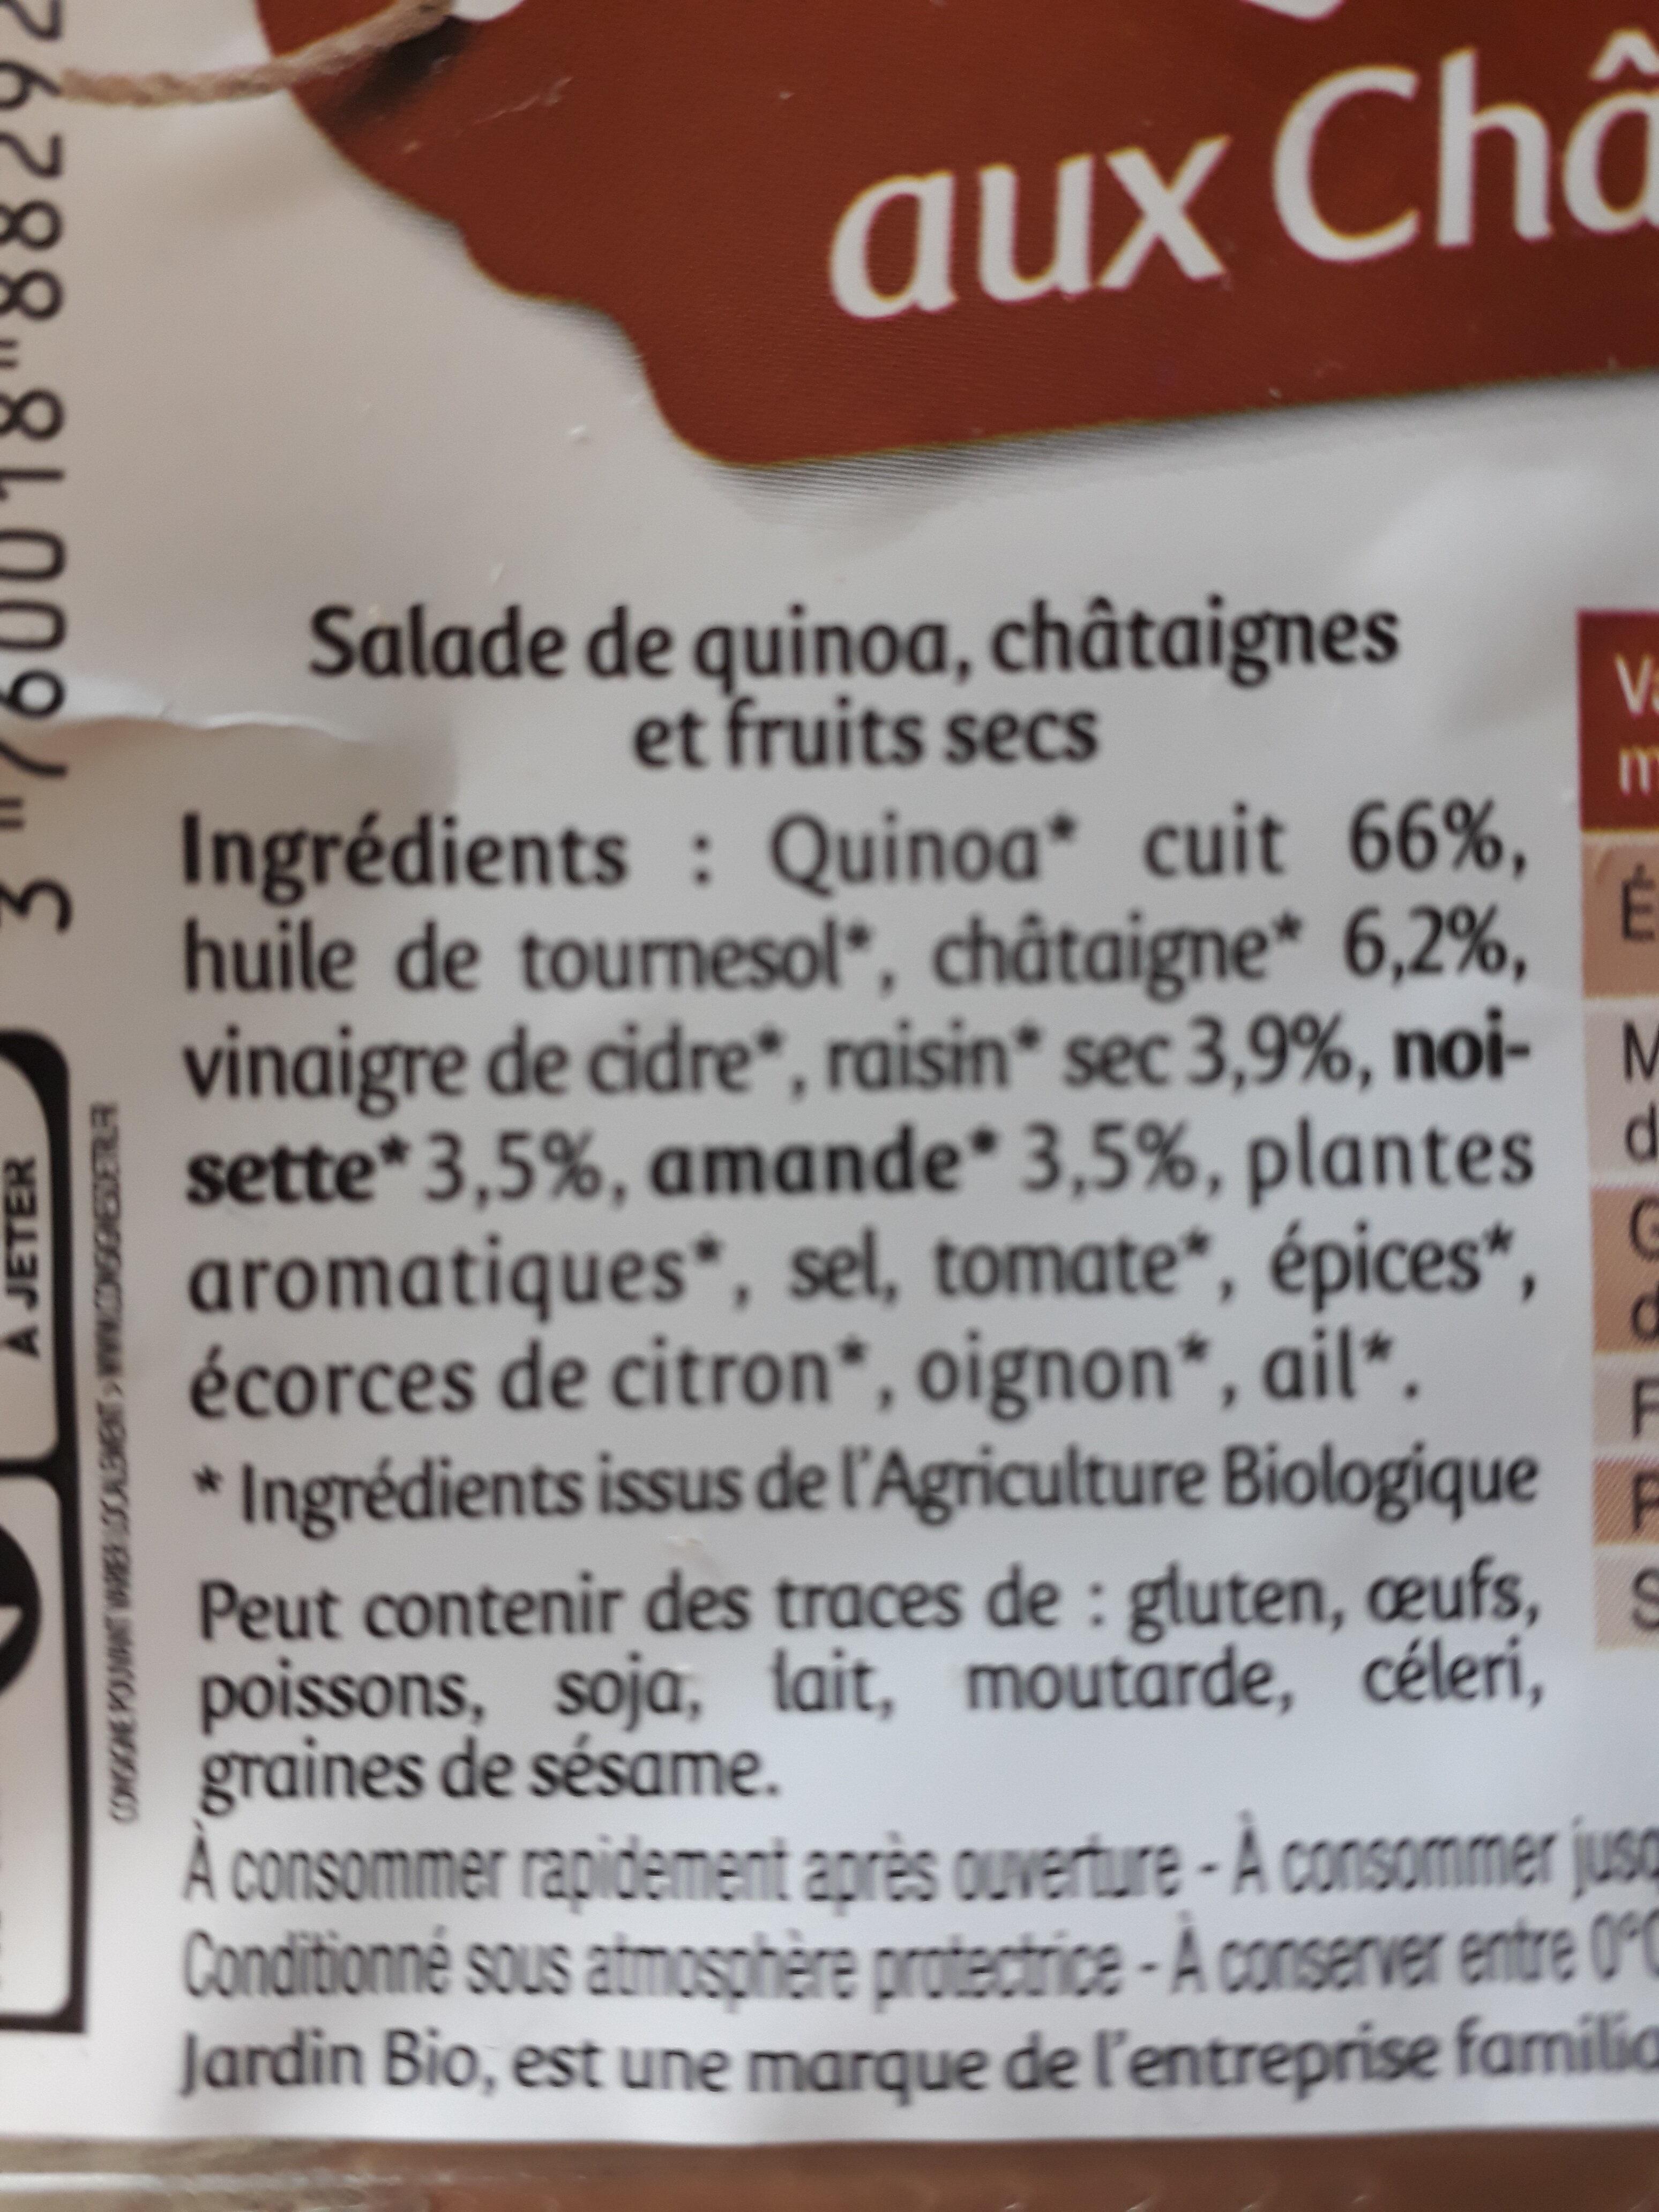 Salade de quinoa aux châtaignes - Ingrédients - fr